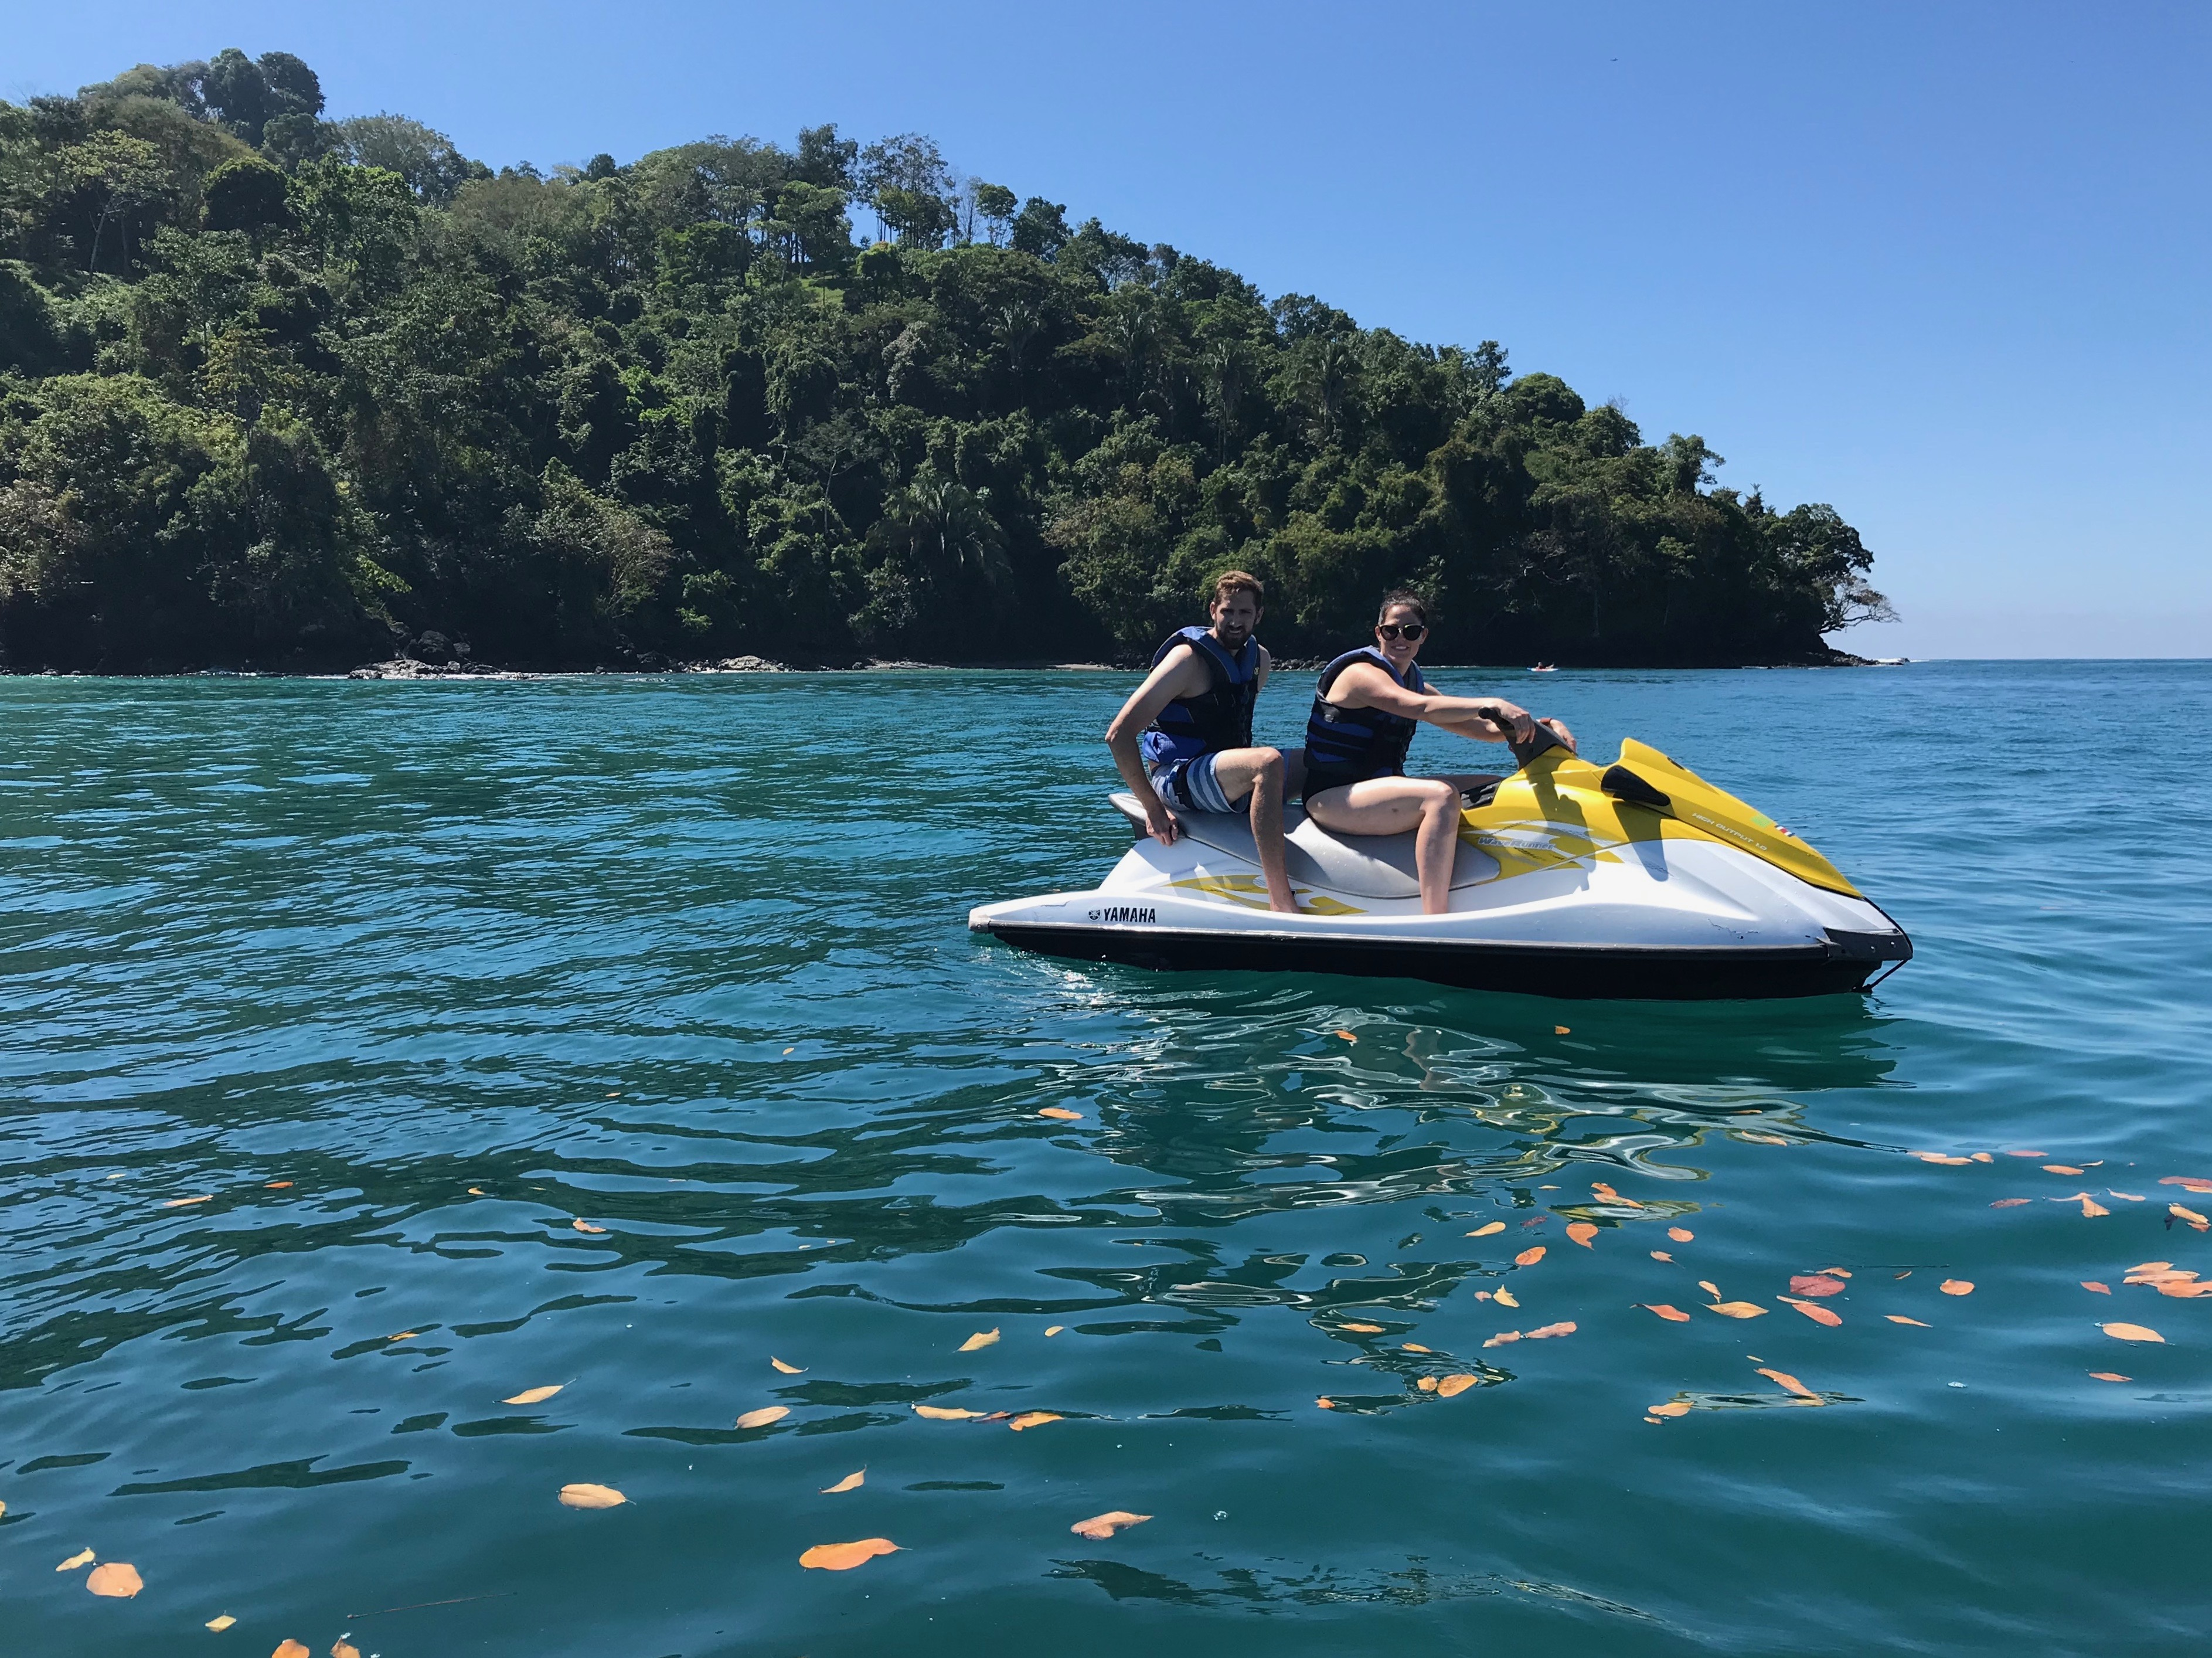 Costa Rica Jet Ski Tour8 2